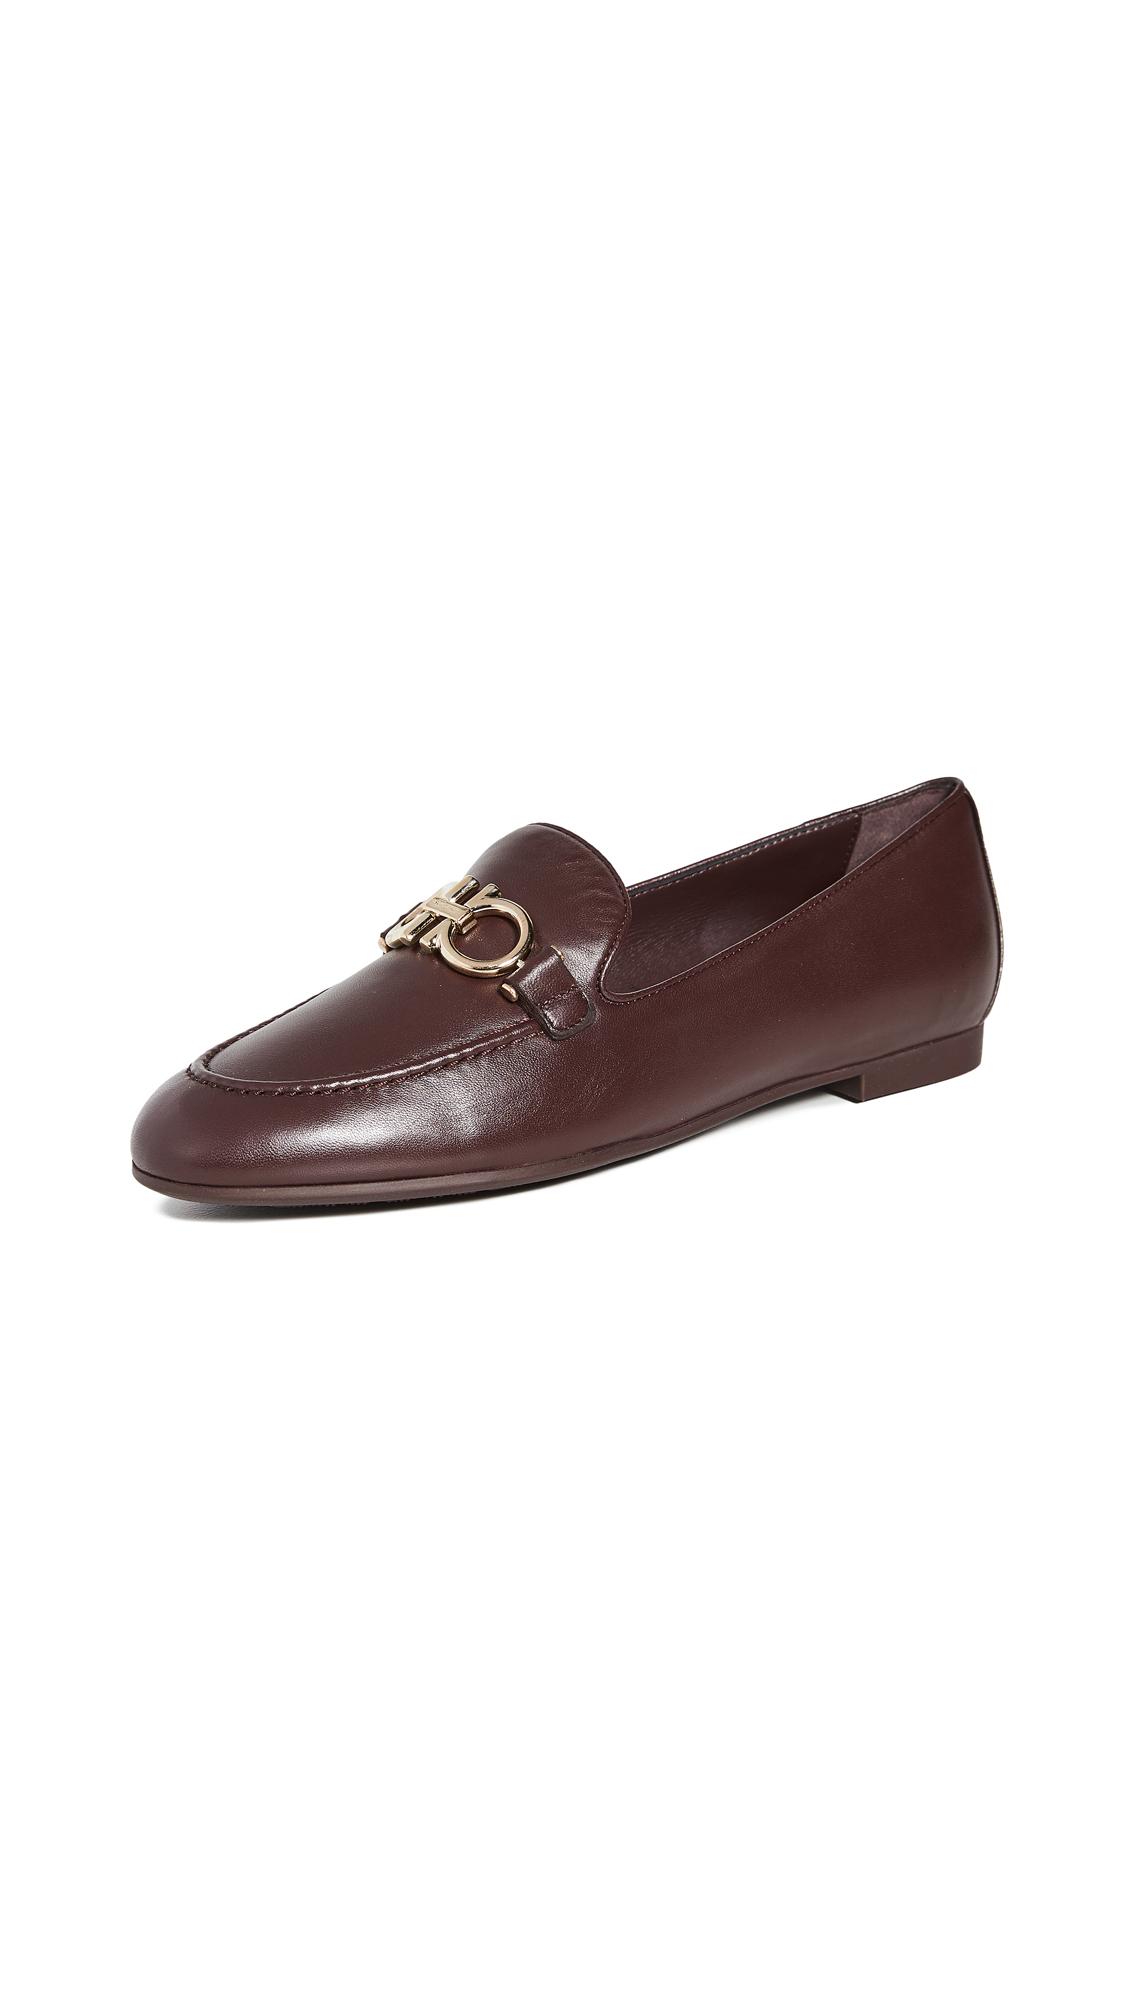 Salvatore Ferragamo Trifoglio Loafers - 50% Off Sale